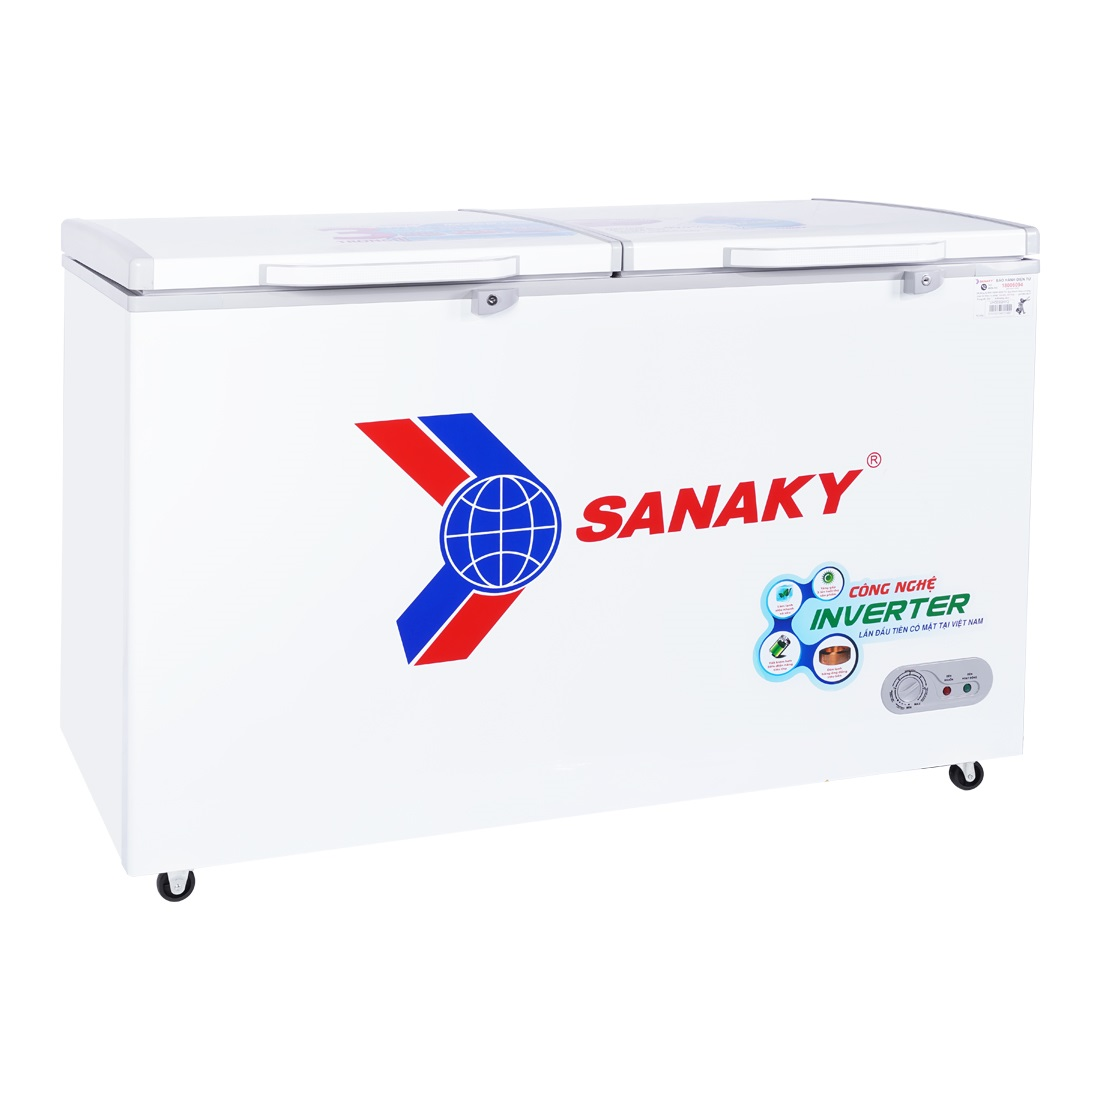 TỦ ĐÔNG INVERTER SANAKY VH-5699HY3 410 LÍT ĐỒNG